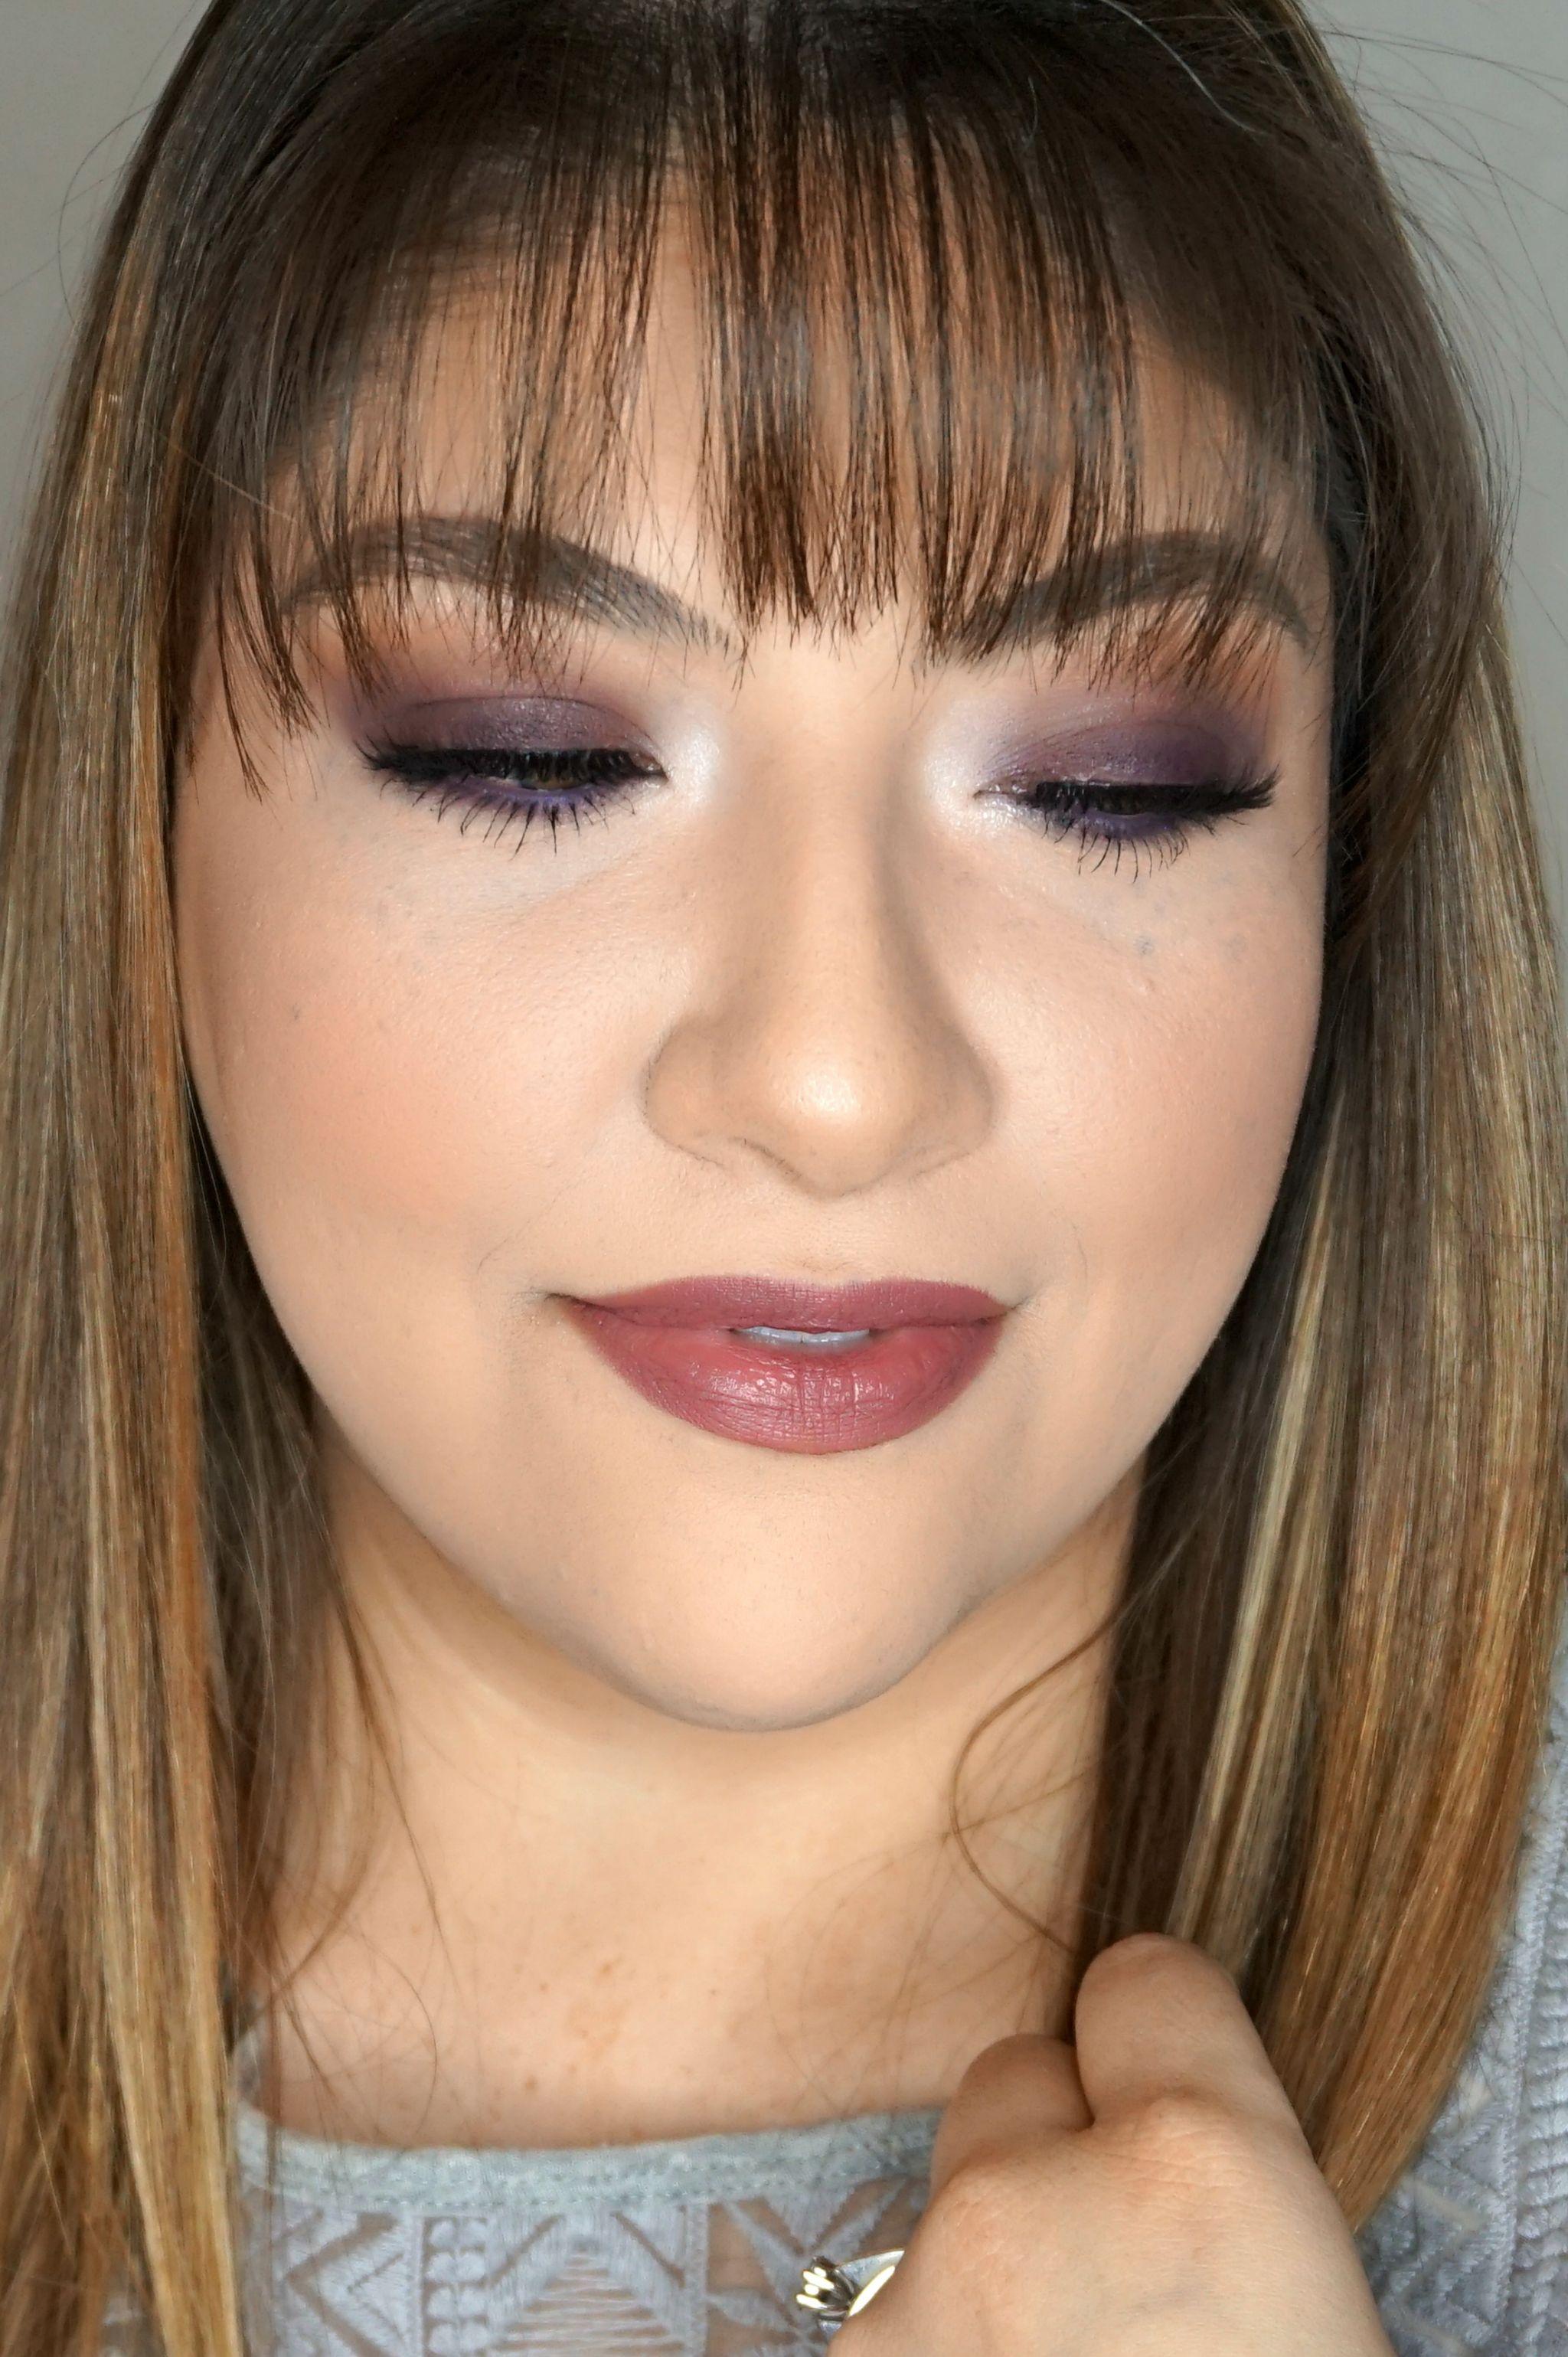 Plum Makeup Look // Glam Makeup Look // Plum Eye Look // Purple Eye Makeup // Plum Lipstick // Mauve Makeup // Fall Makeup Look // Winter Makeup Look | Beauty With Lily